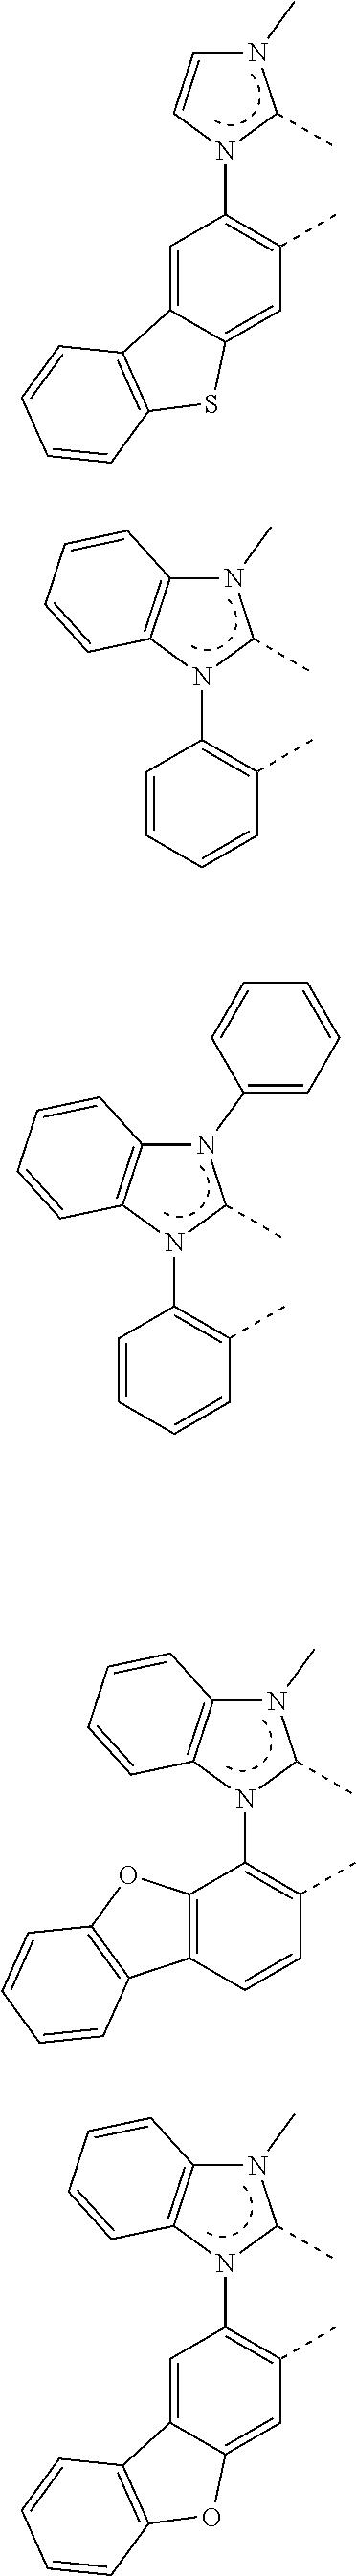 Figure US09773985-20170926-C00275